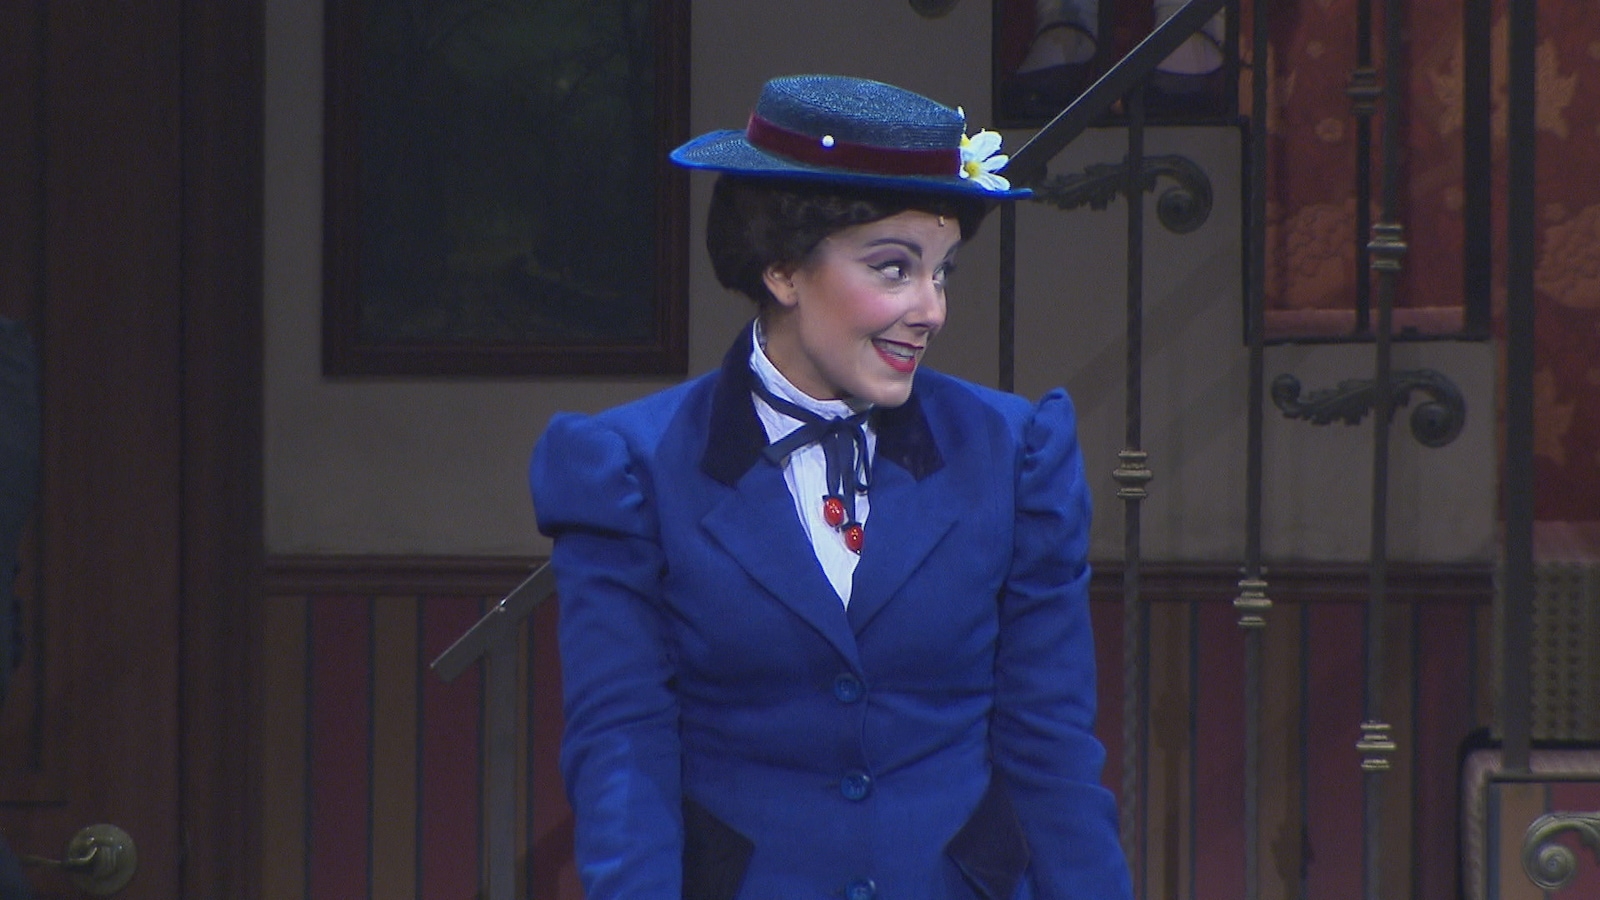 Joëlle Lanctôt prête ses traits au personnage de Mary Poppins.